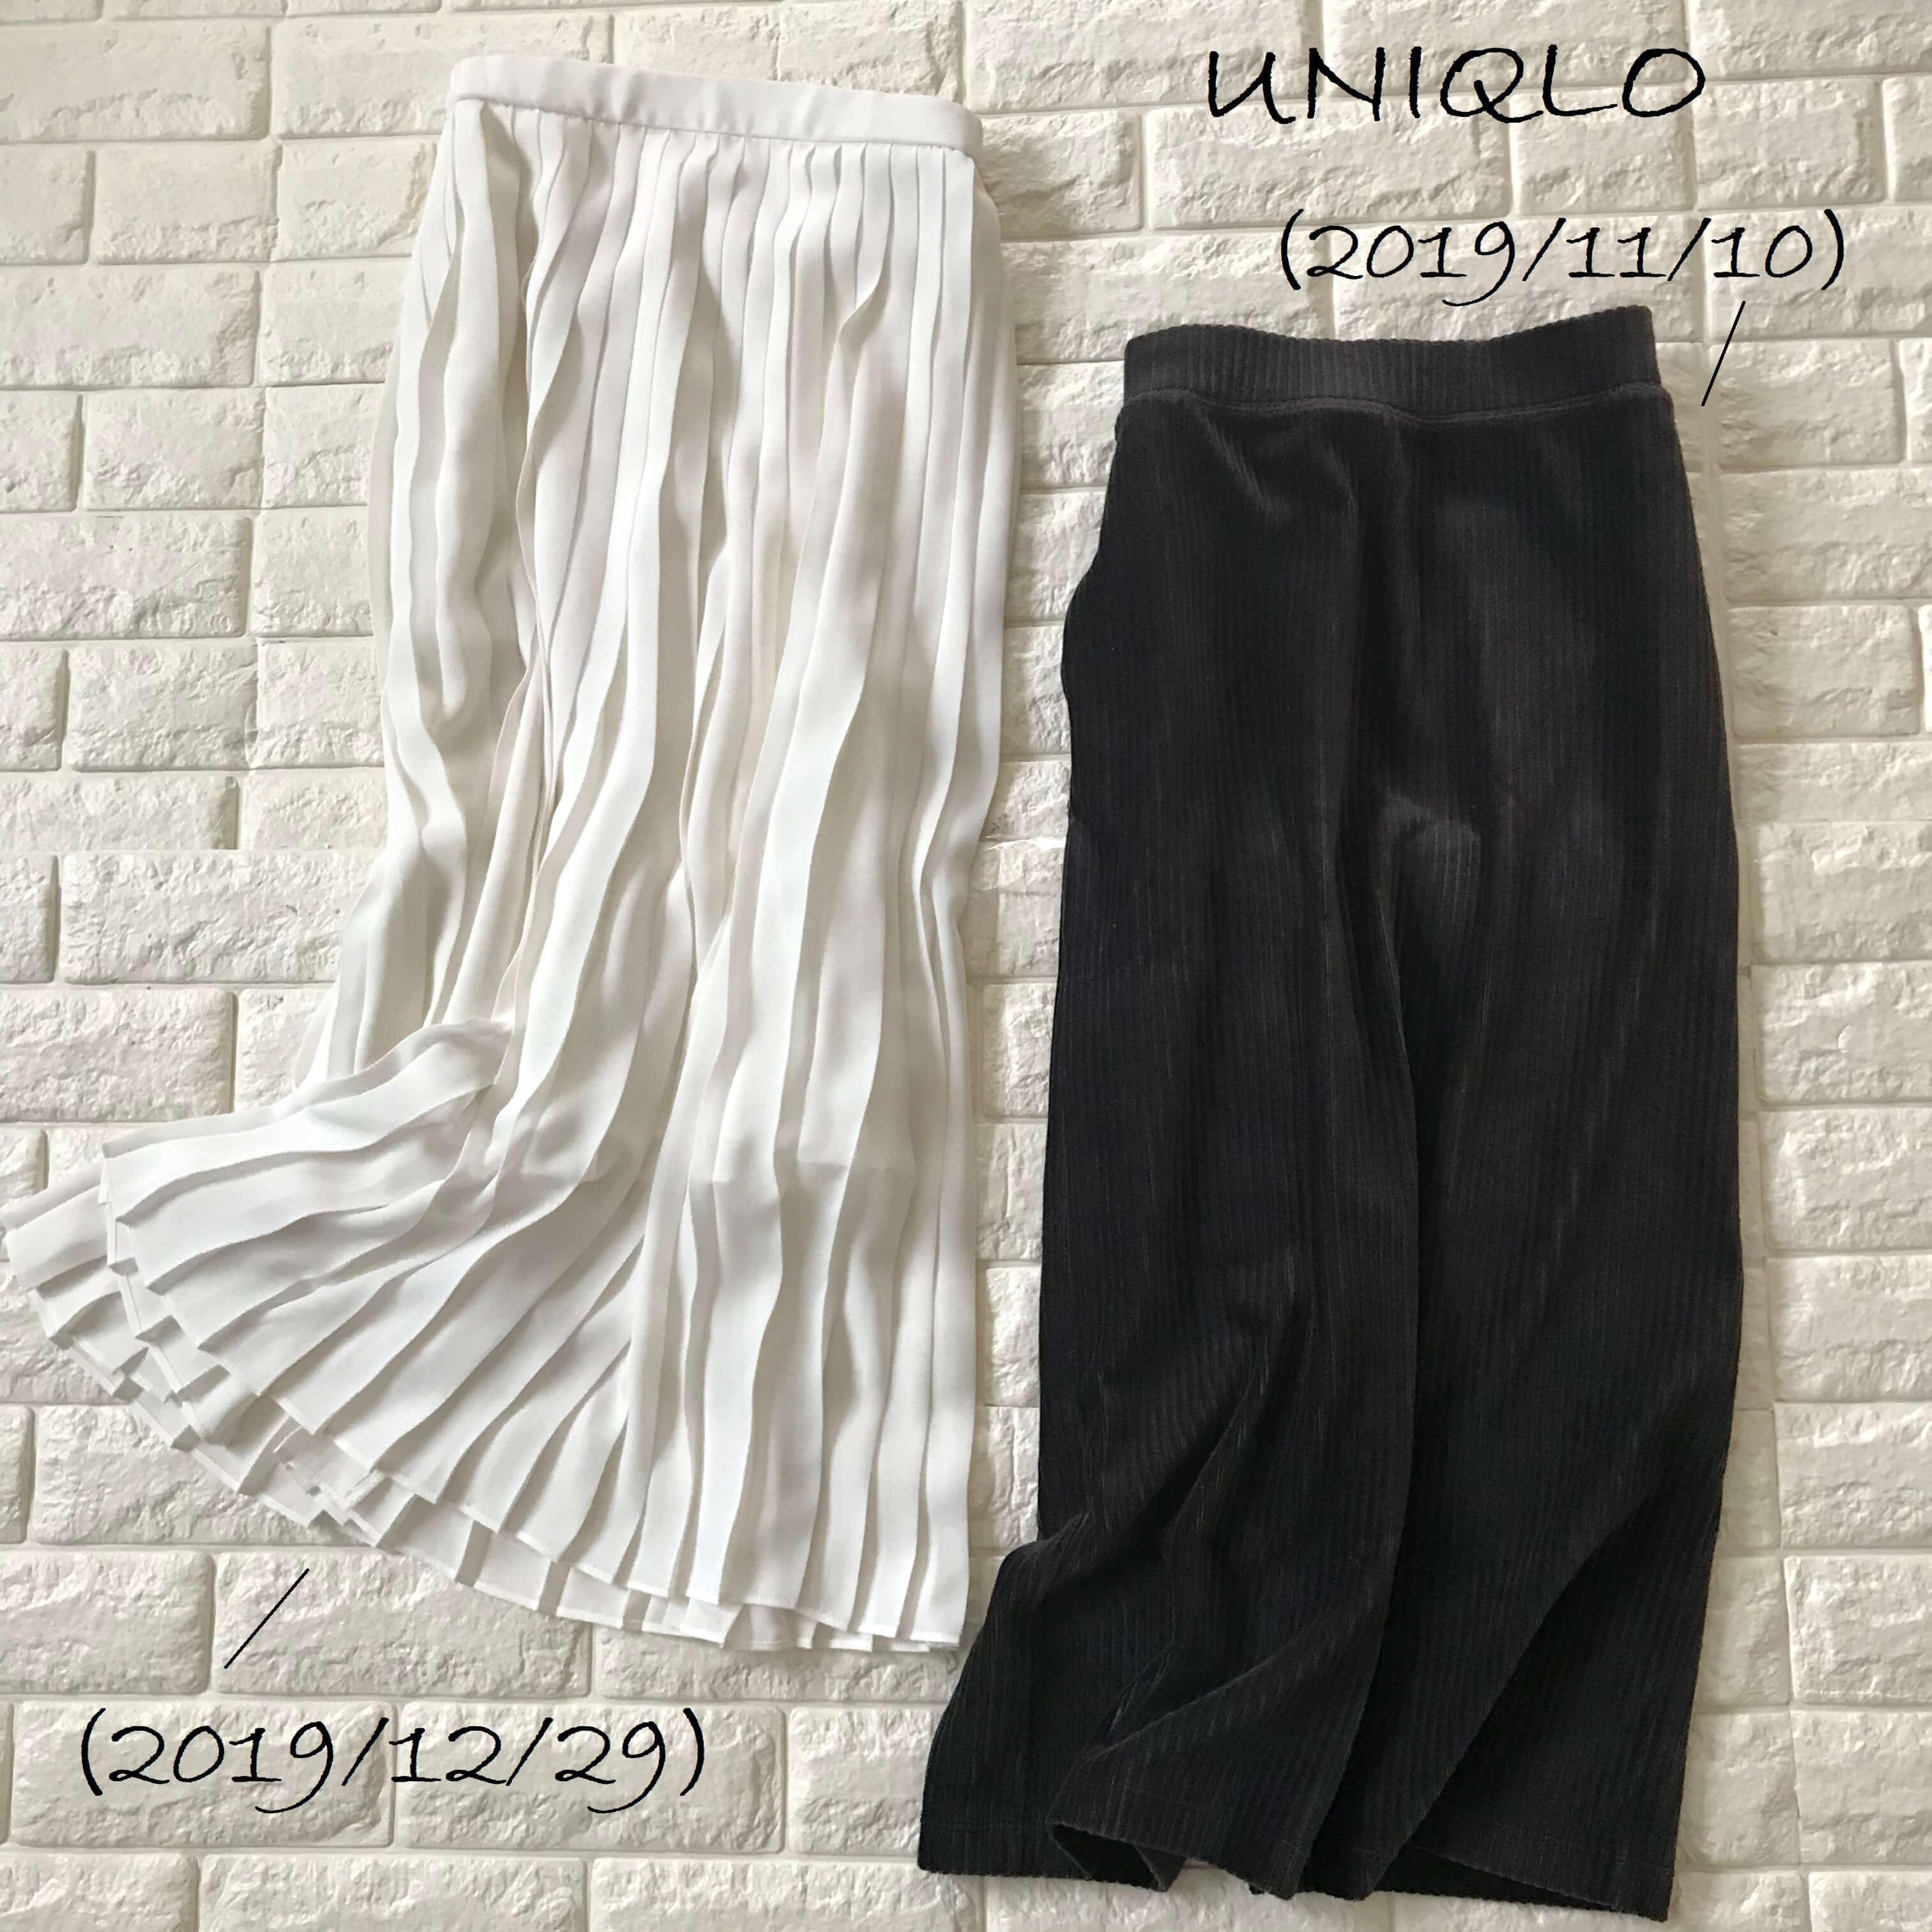 ユニクロのスカート2点画像